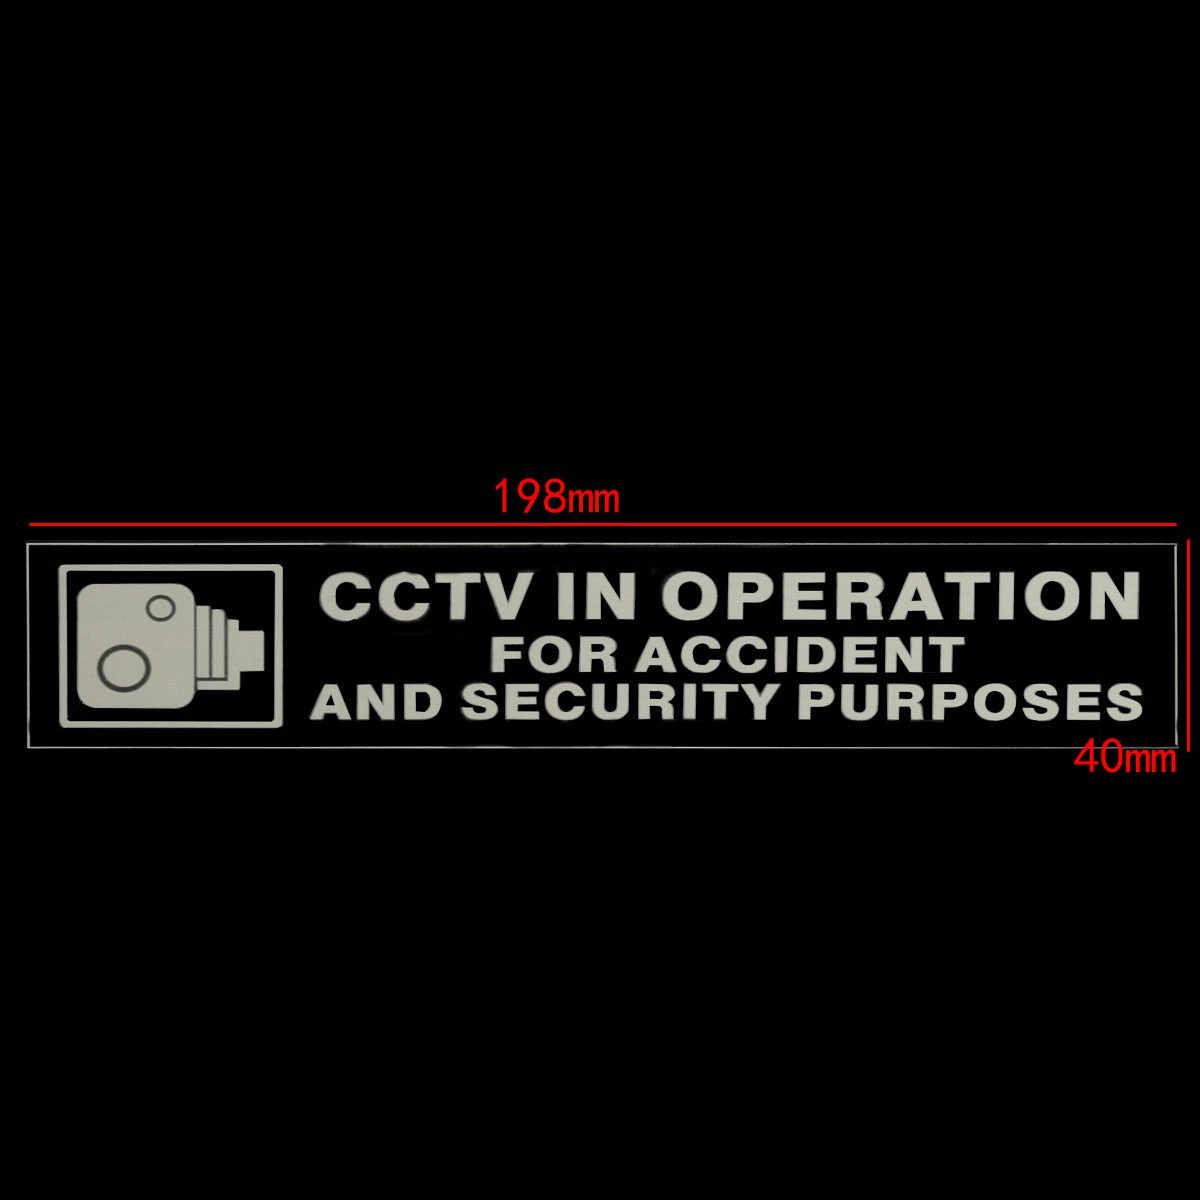 2 Pcs CCTV Dalam Operasi untuk Kecelakaan Tujuan Keamanan Perekat Stiker Mobil Van Bus 198 Mm X 40 Mm X MM